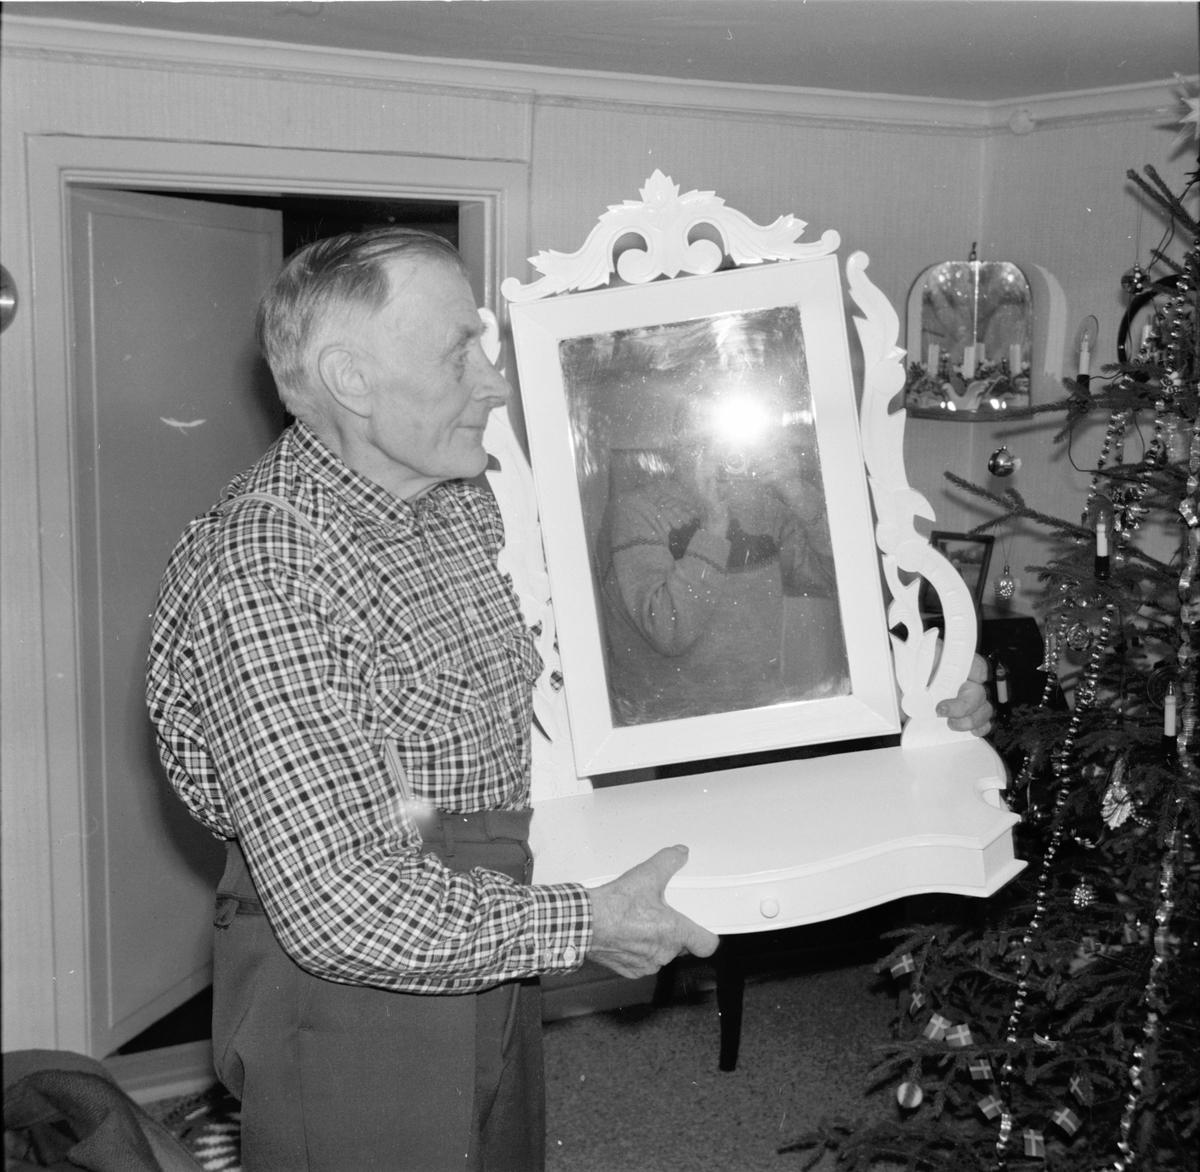 Arbrå, Johan Svärd, 81-årig finsnickare, Flästa